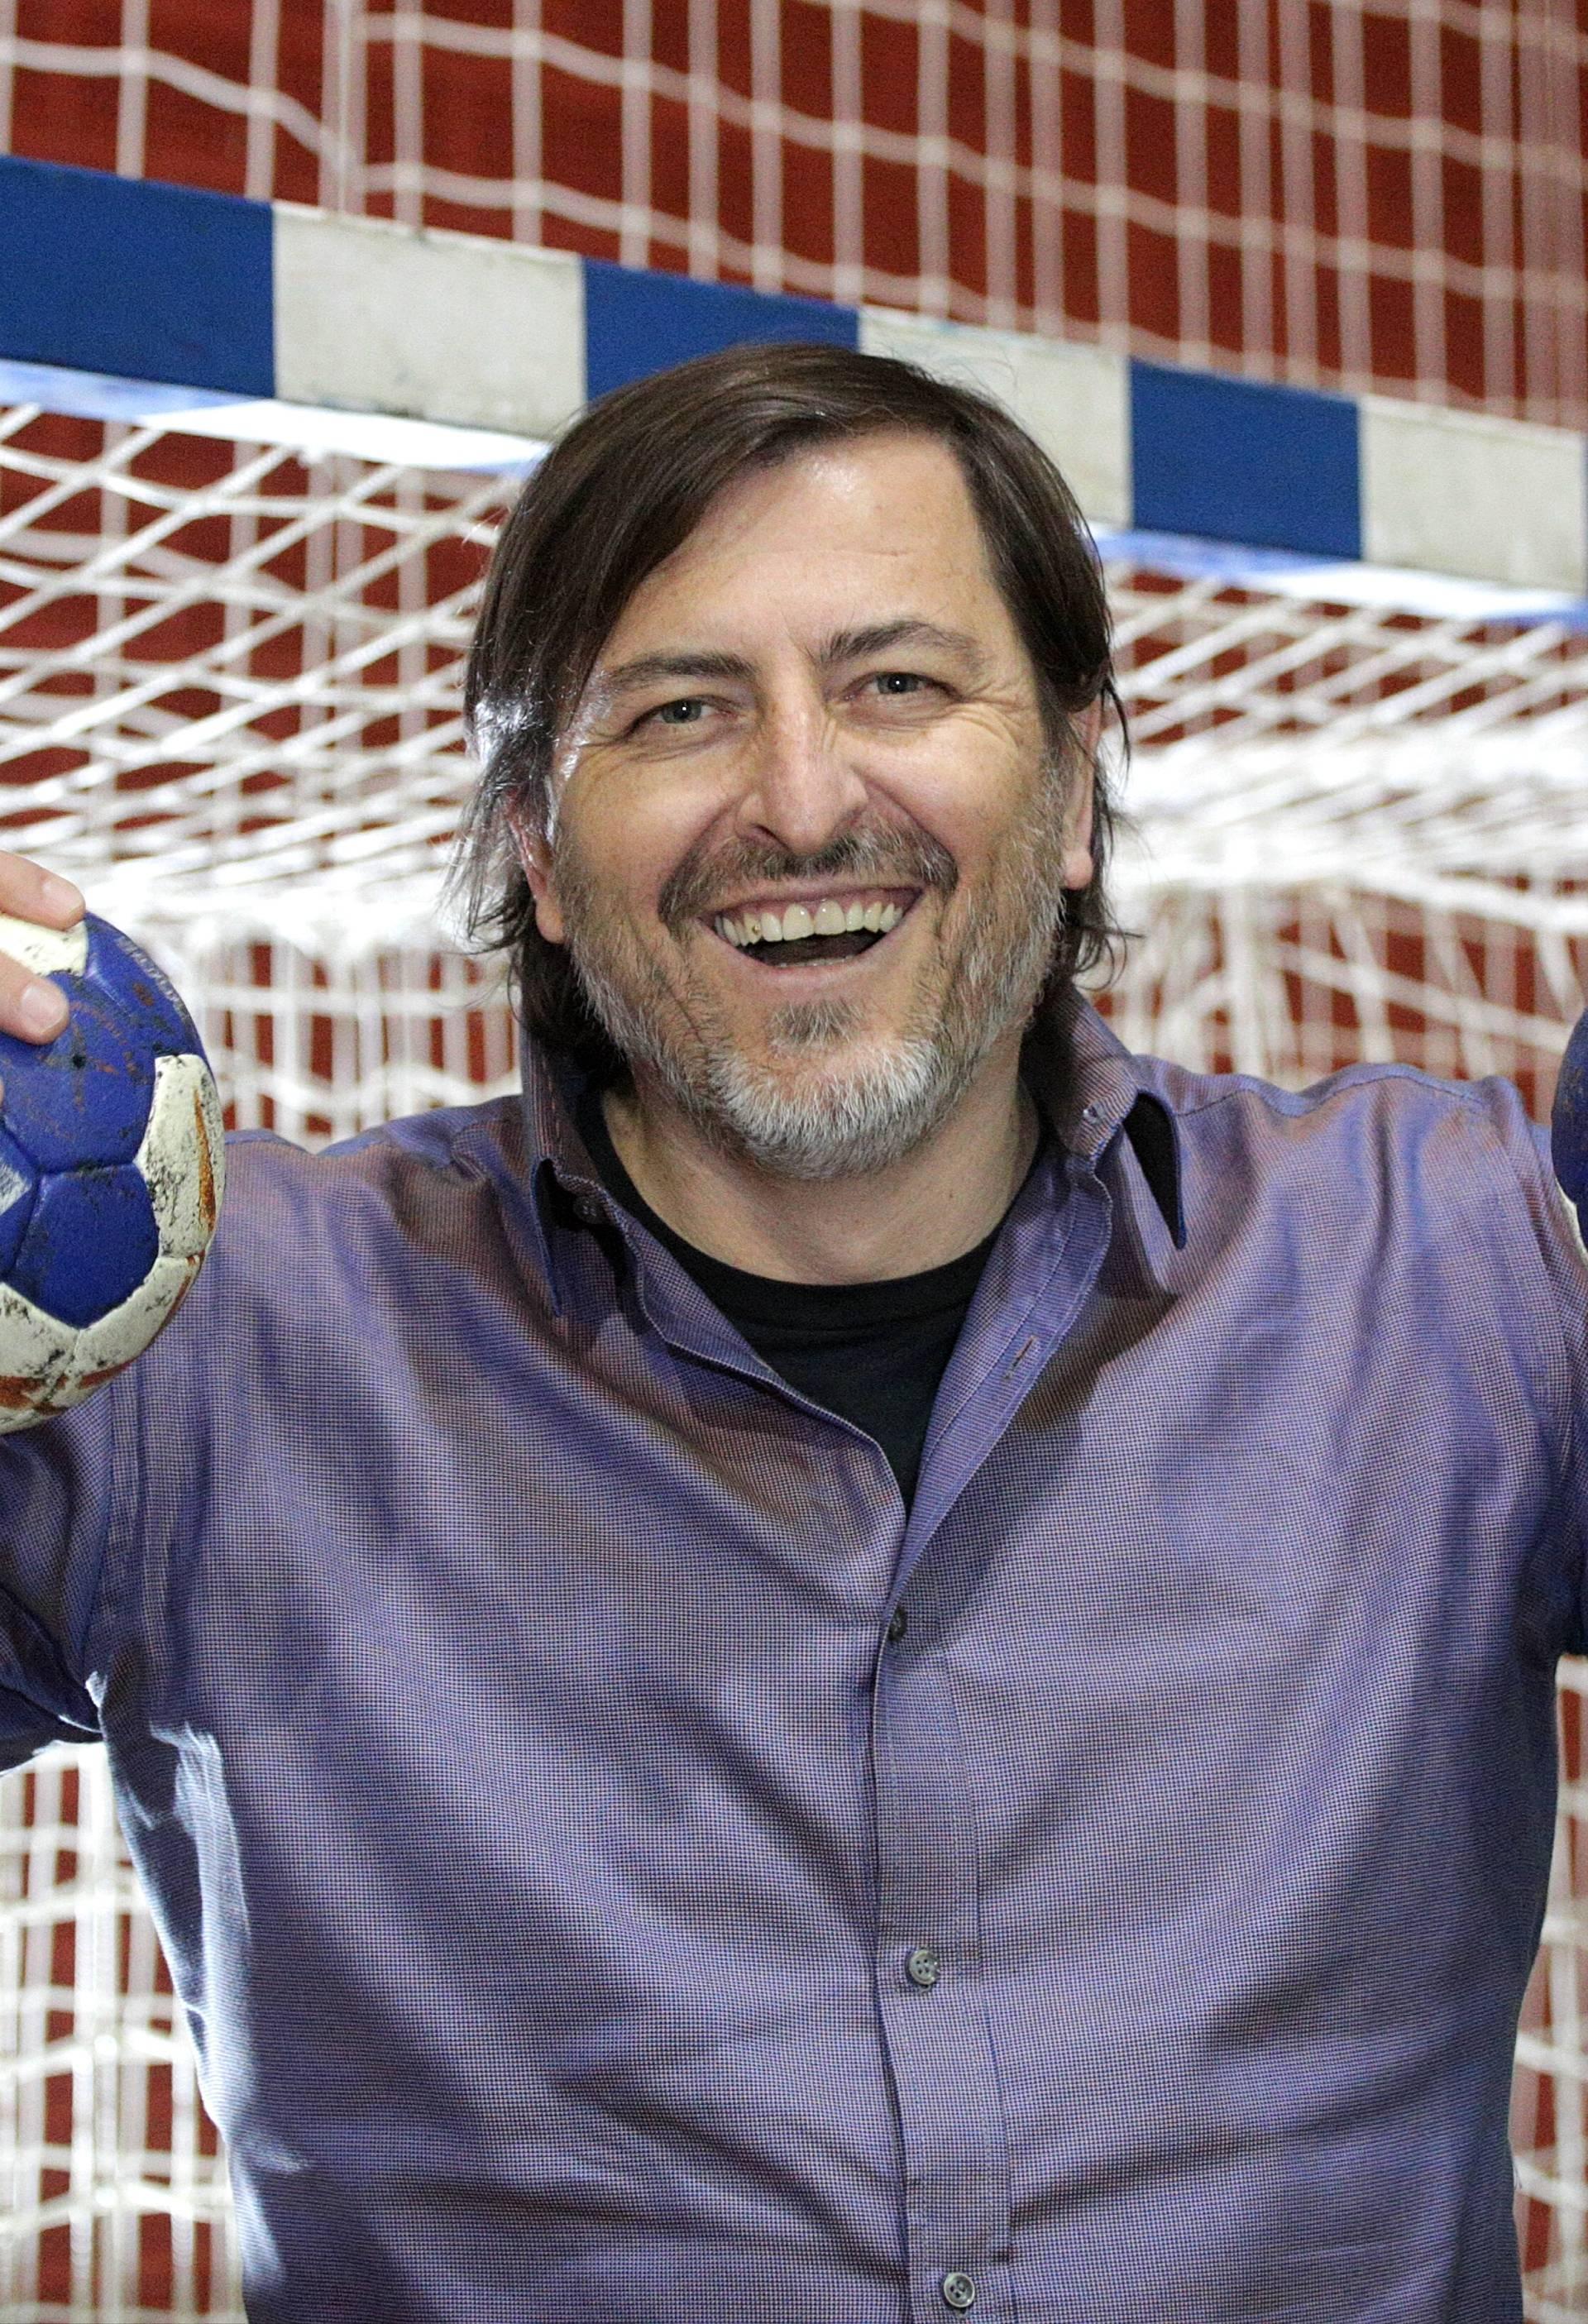 Projekt vodi Hrvat: Kinezima će u SEHA ligi trener biti Šola